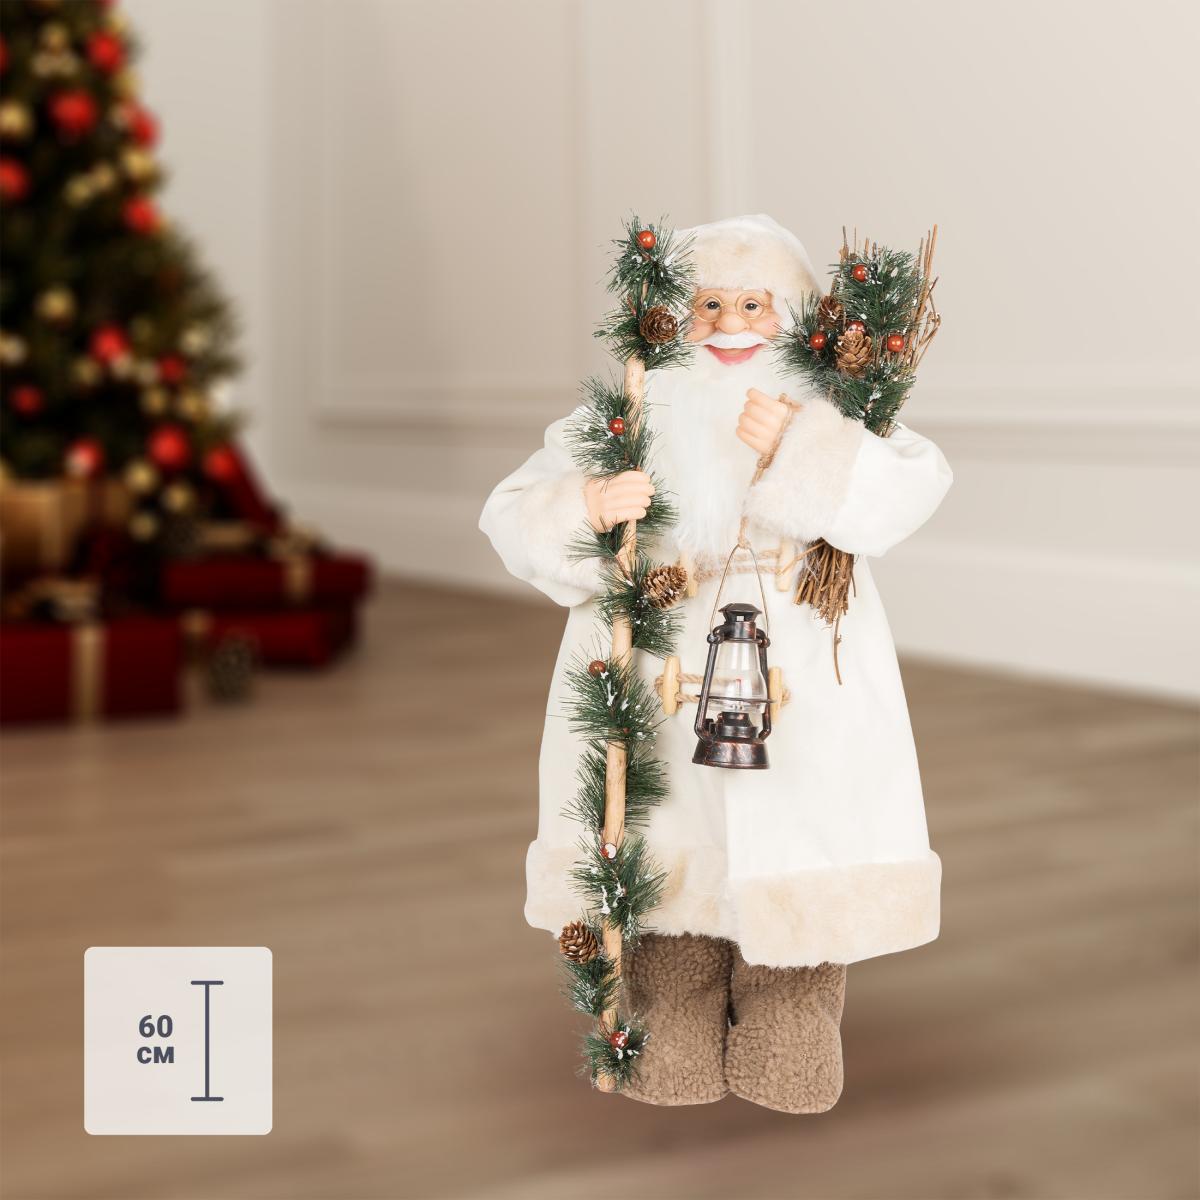 Декоративная фигура «Санта-Клаус» 60 см